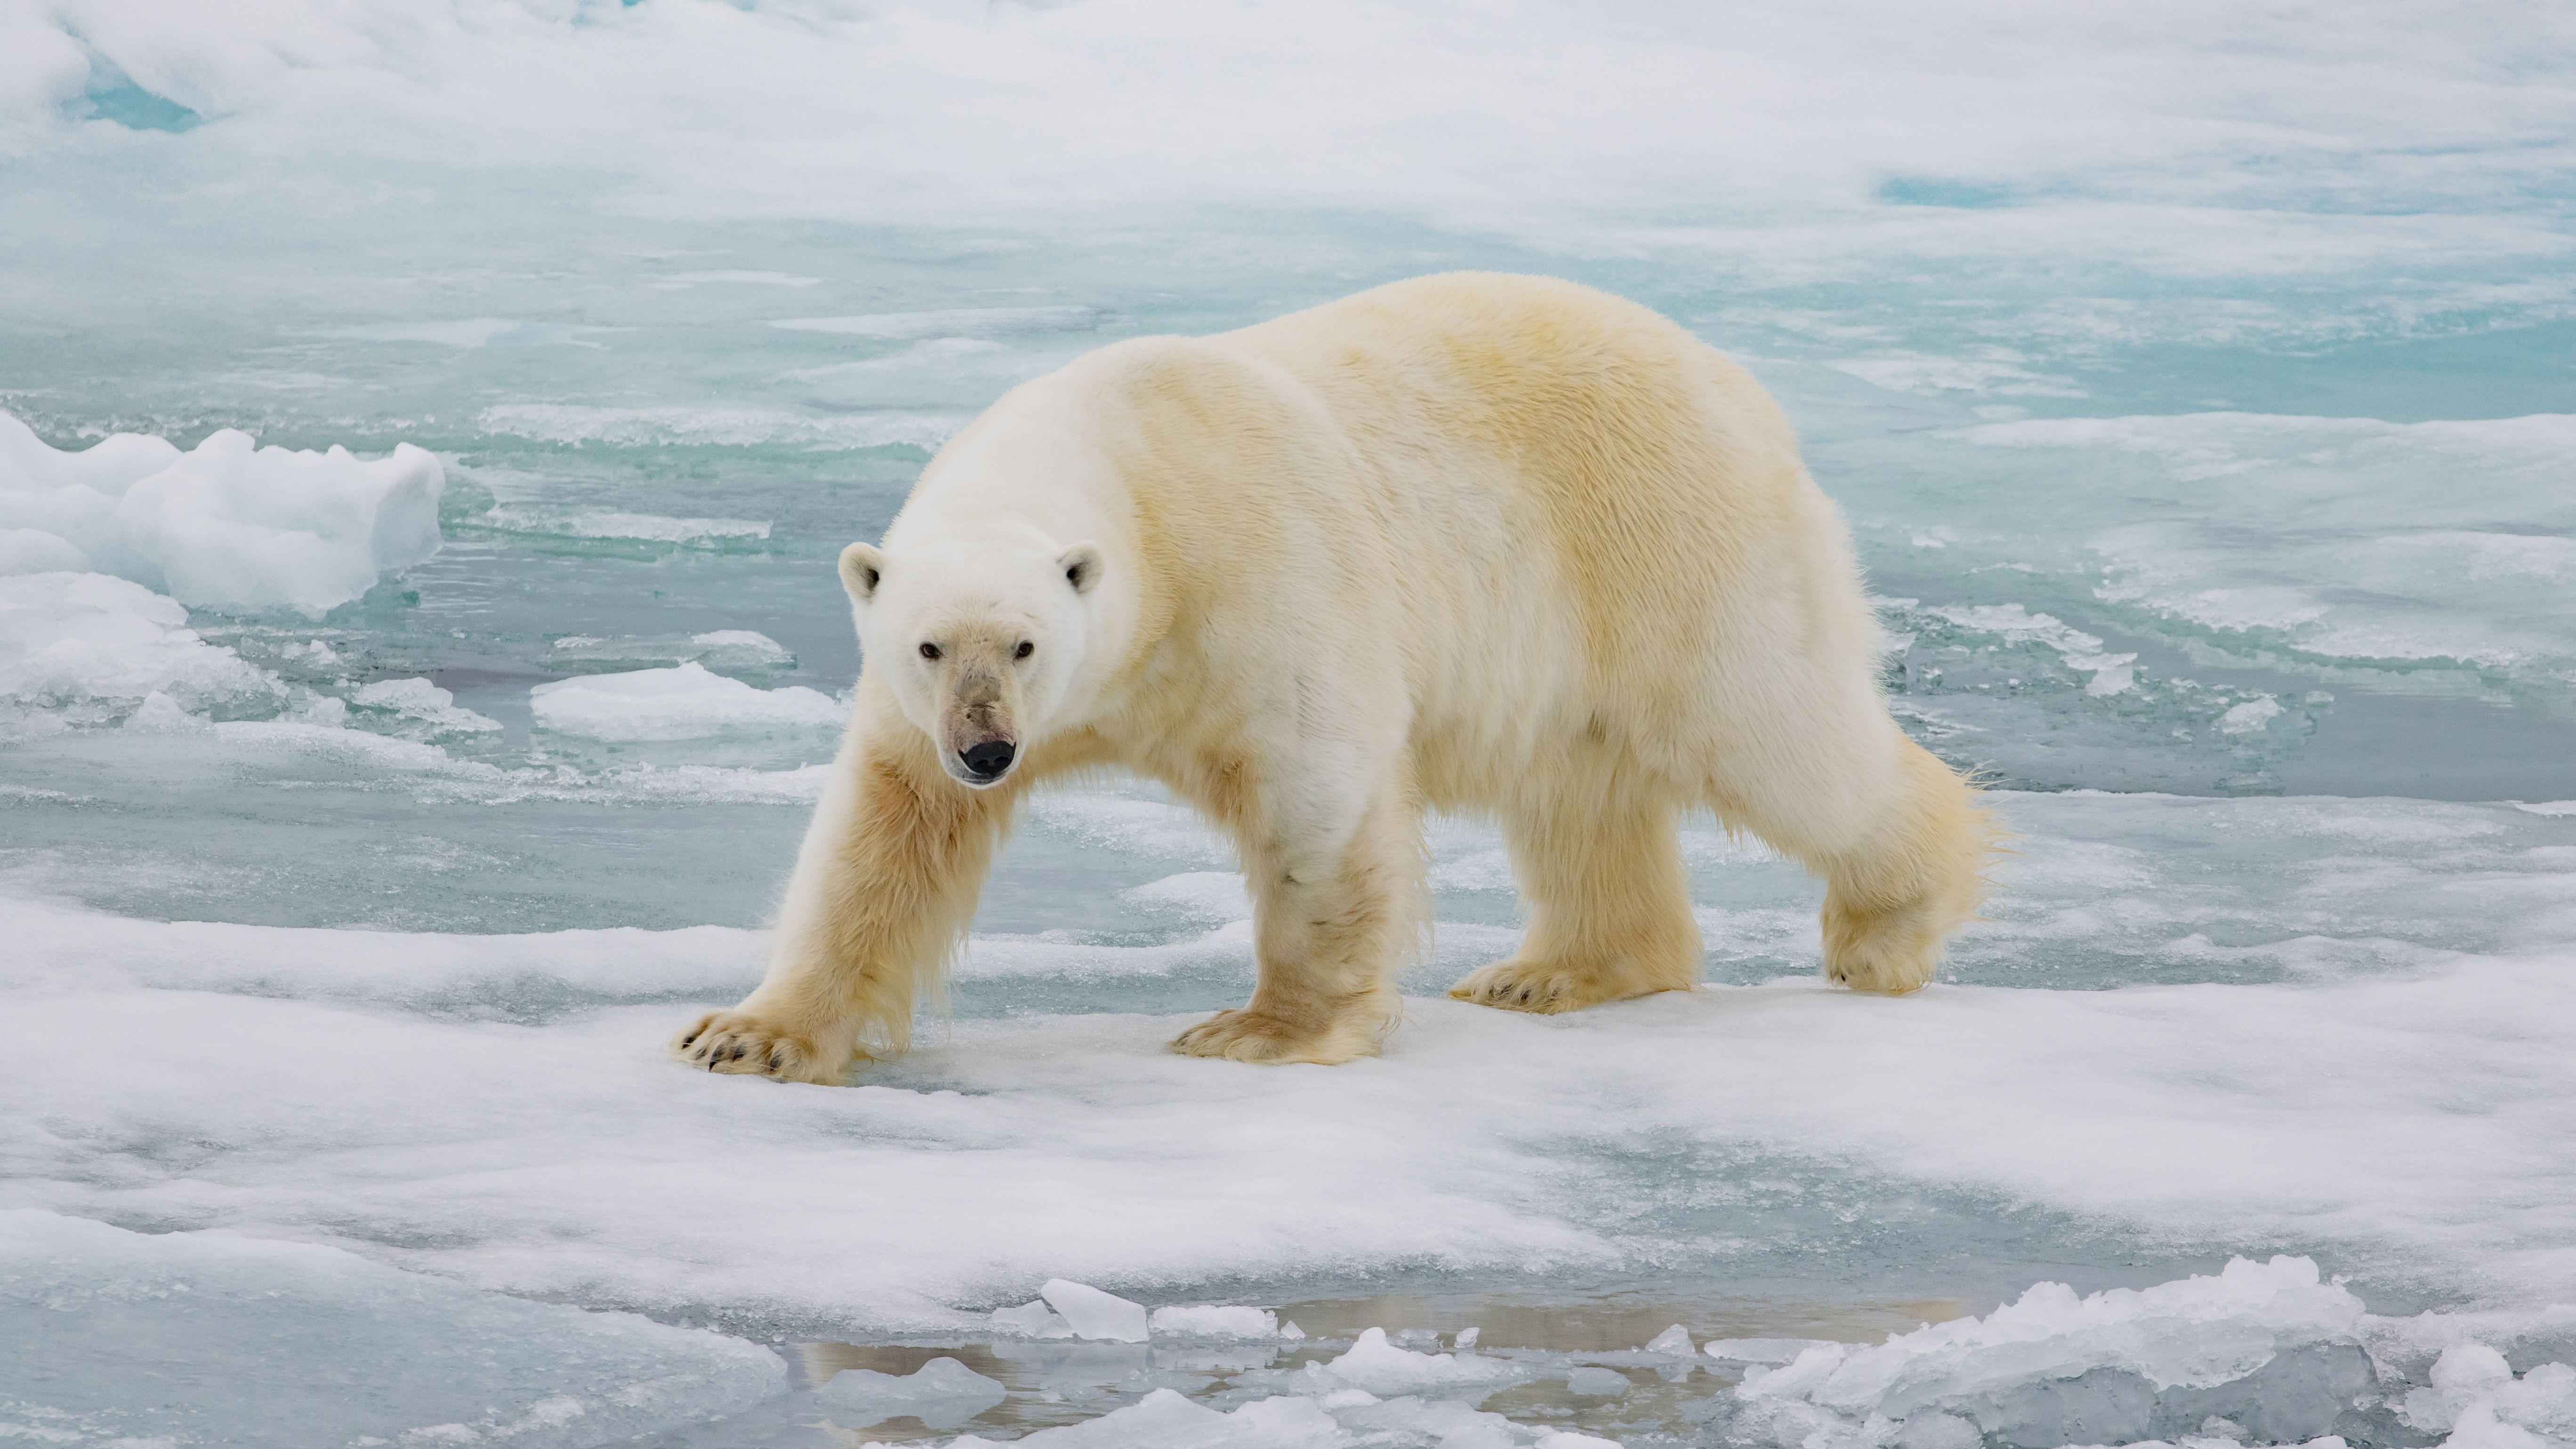 The Polar Bear King Of The Arctic Food Chain Polar Bear Polar Bear